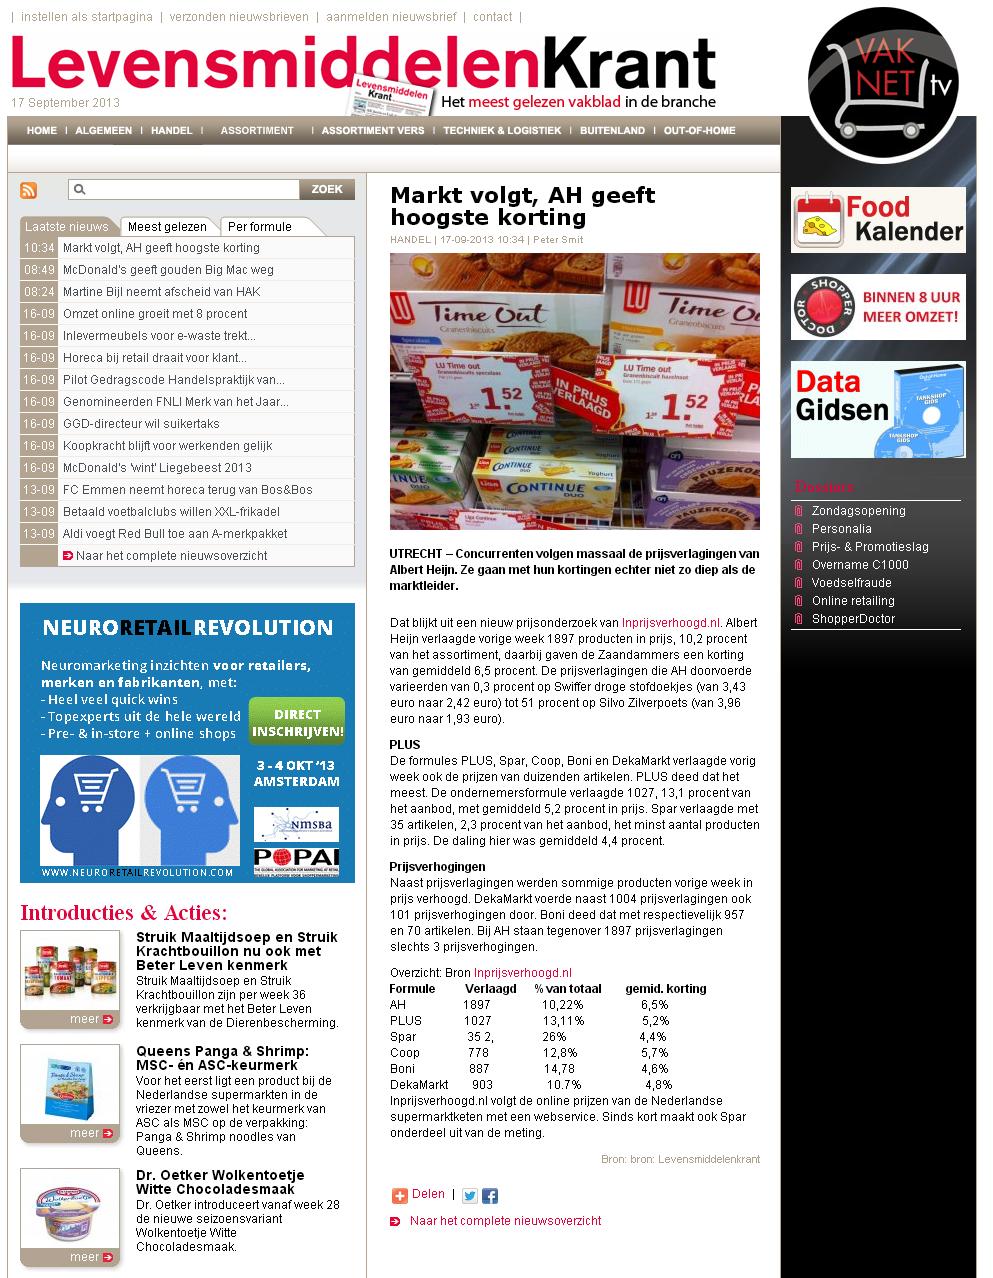 Levensmiddelenkrant.nl: Markt volgt, AH geeft hoogste korting